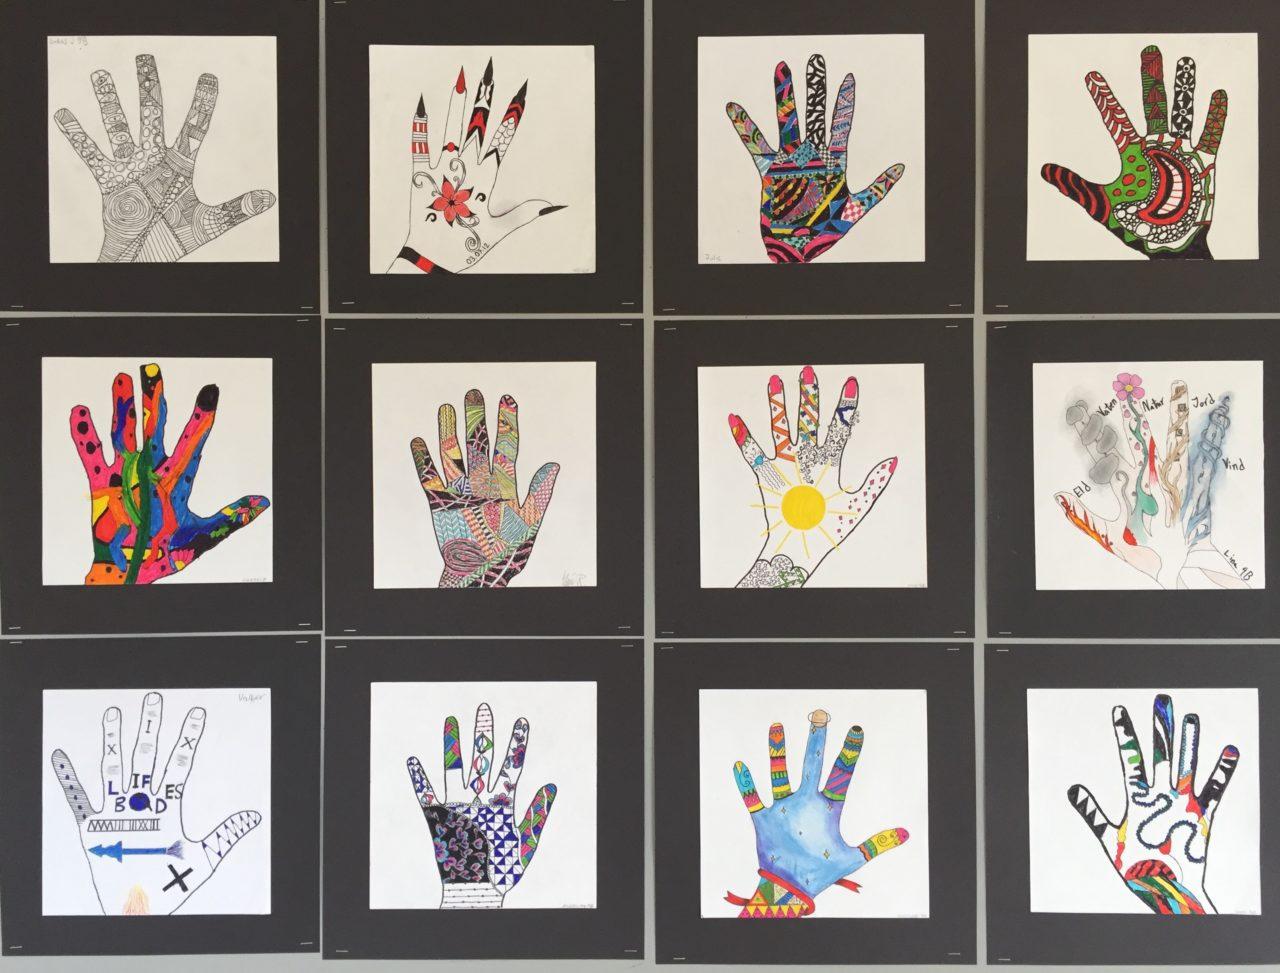 Bilduppgift för åk 4-6 och 7-9 med mönster och händer